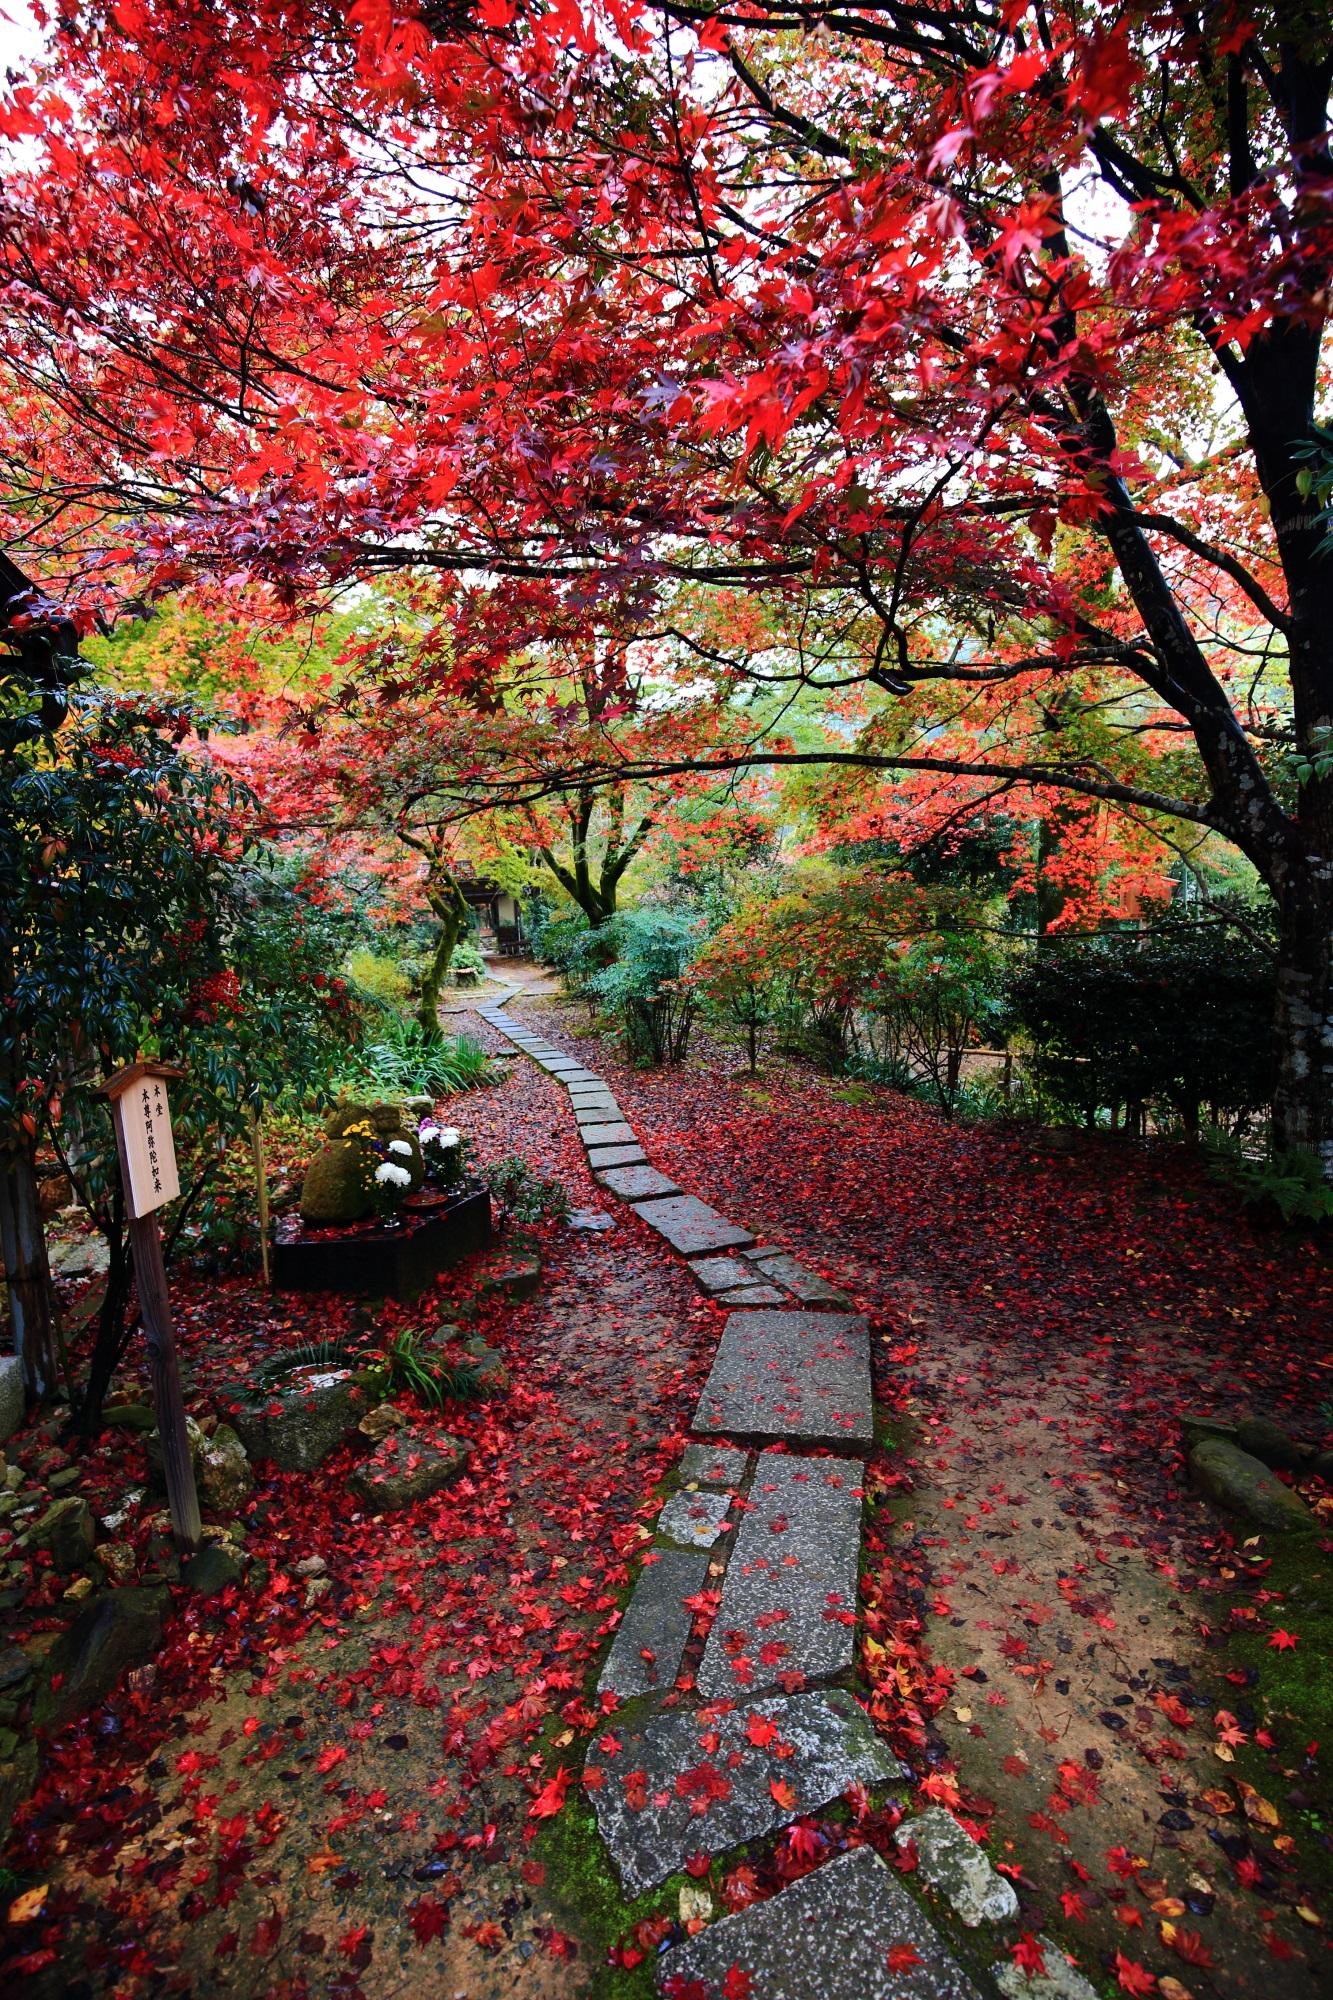 もみじの穴場の直指庵(じきしあん)の本堂前の見ごろの紅葉と散りもみじ